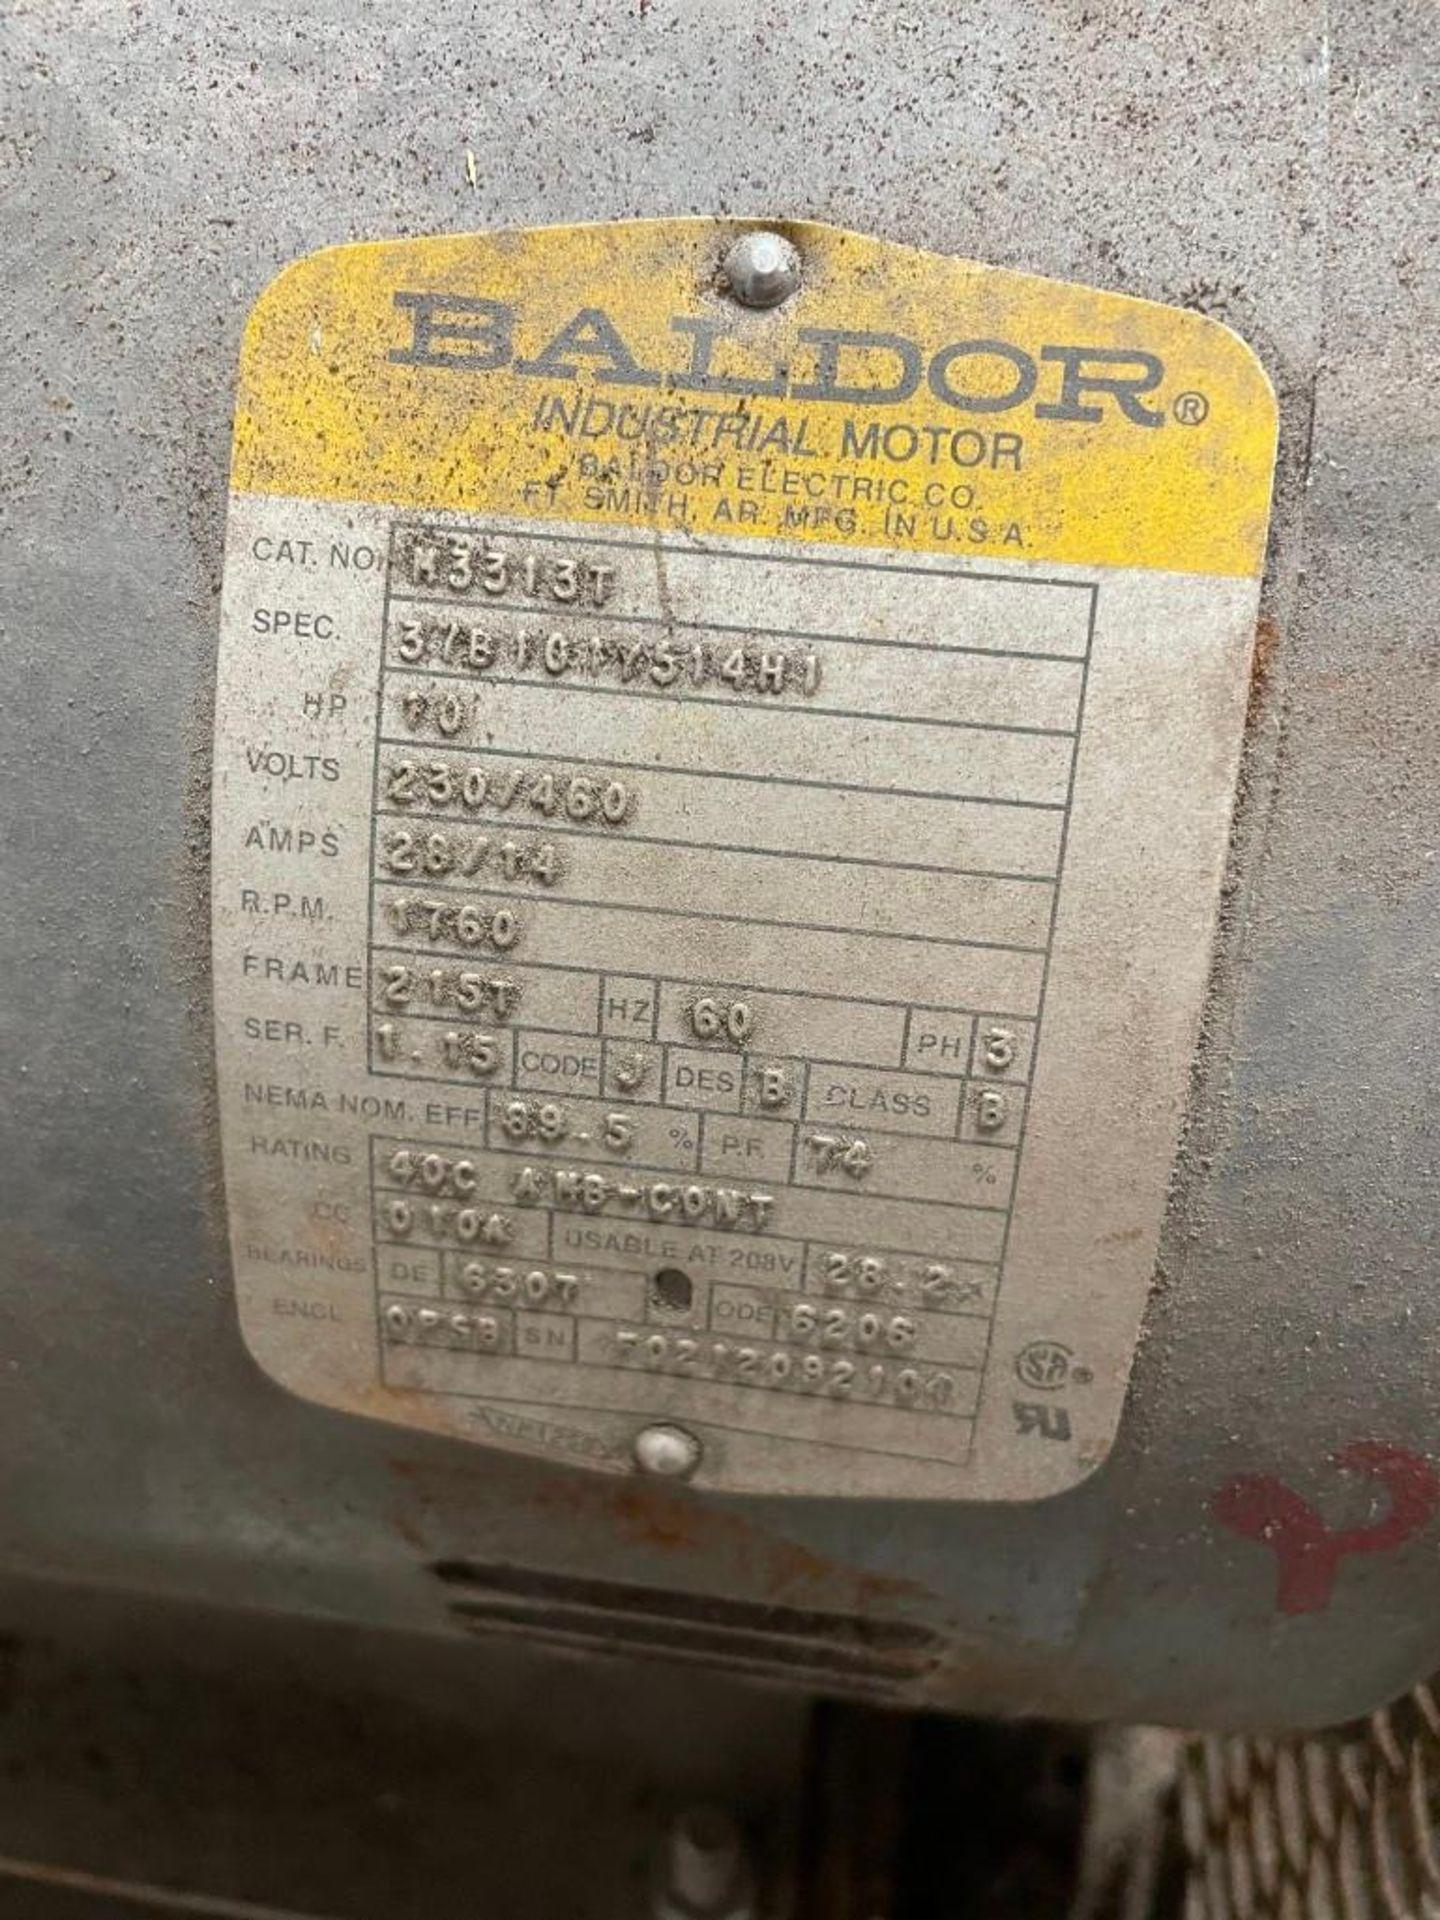 Peerless Pump with 10 Horsepower Baldor Motor - Image 5 of 6